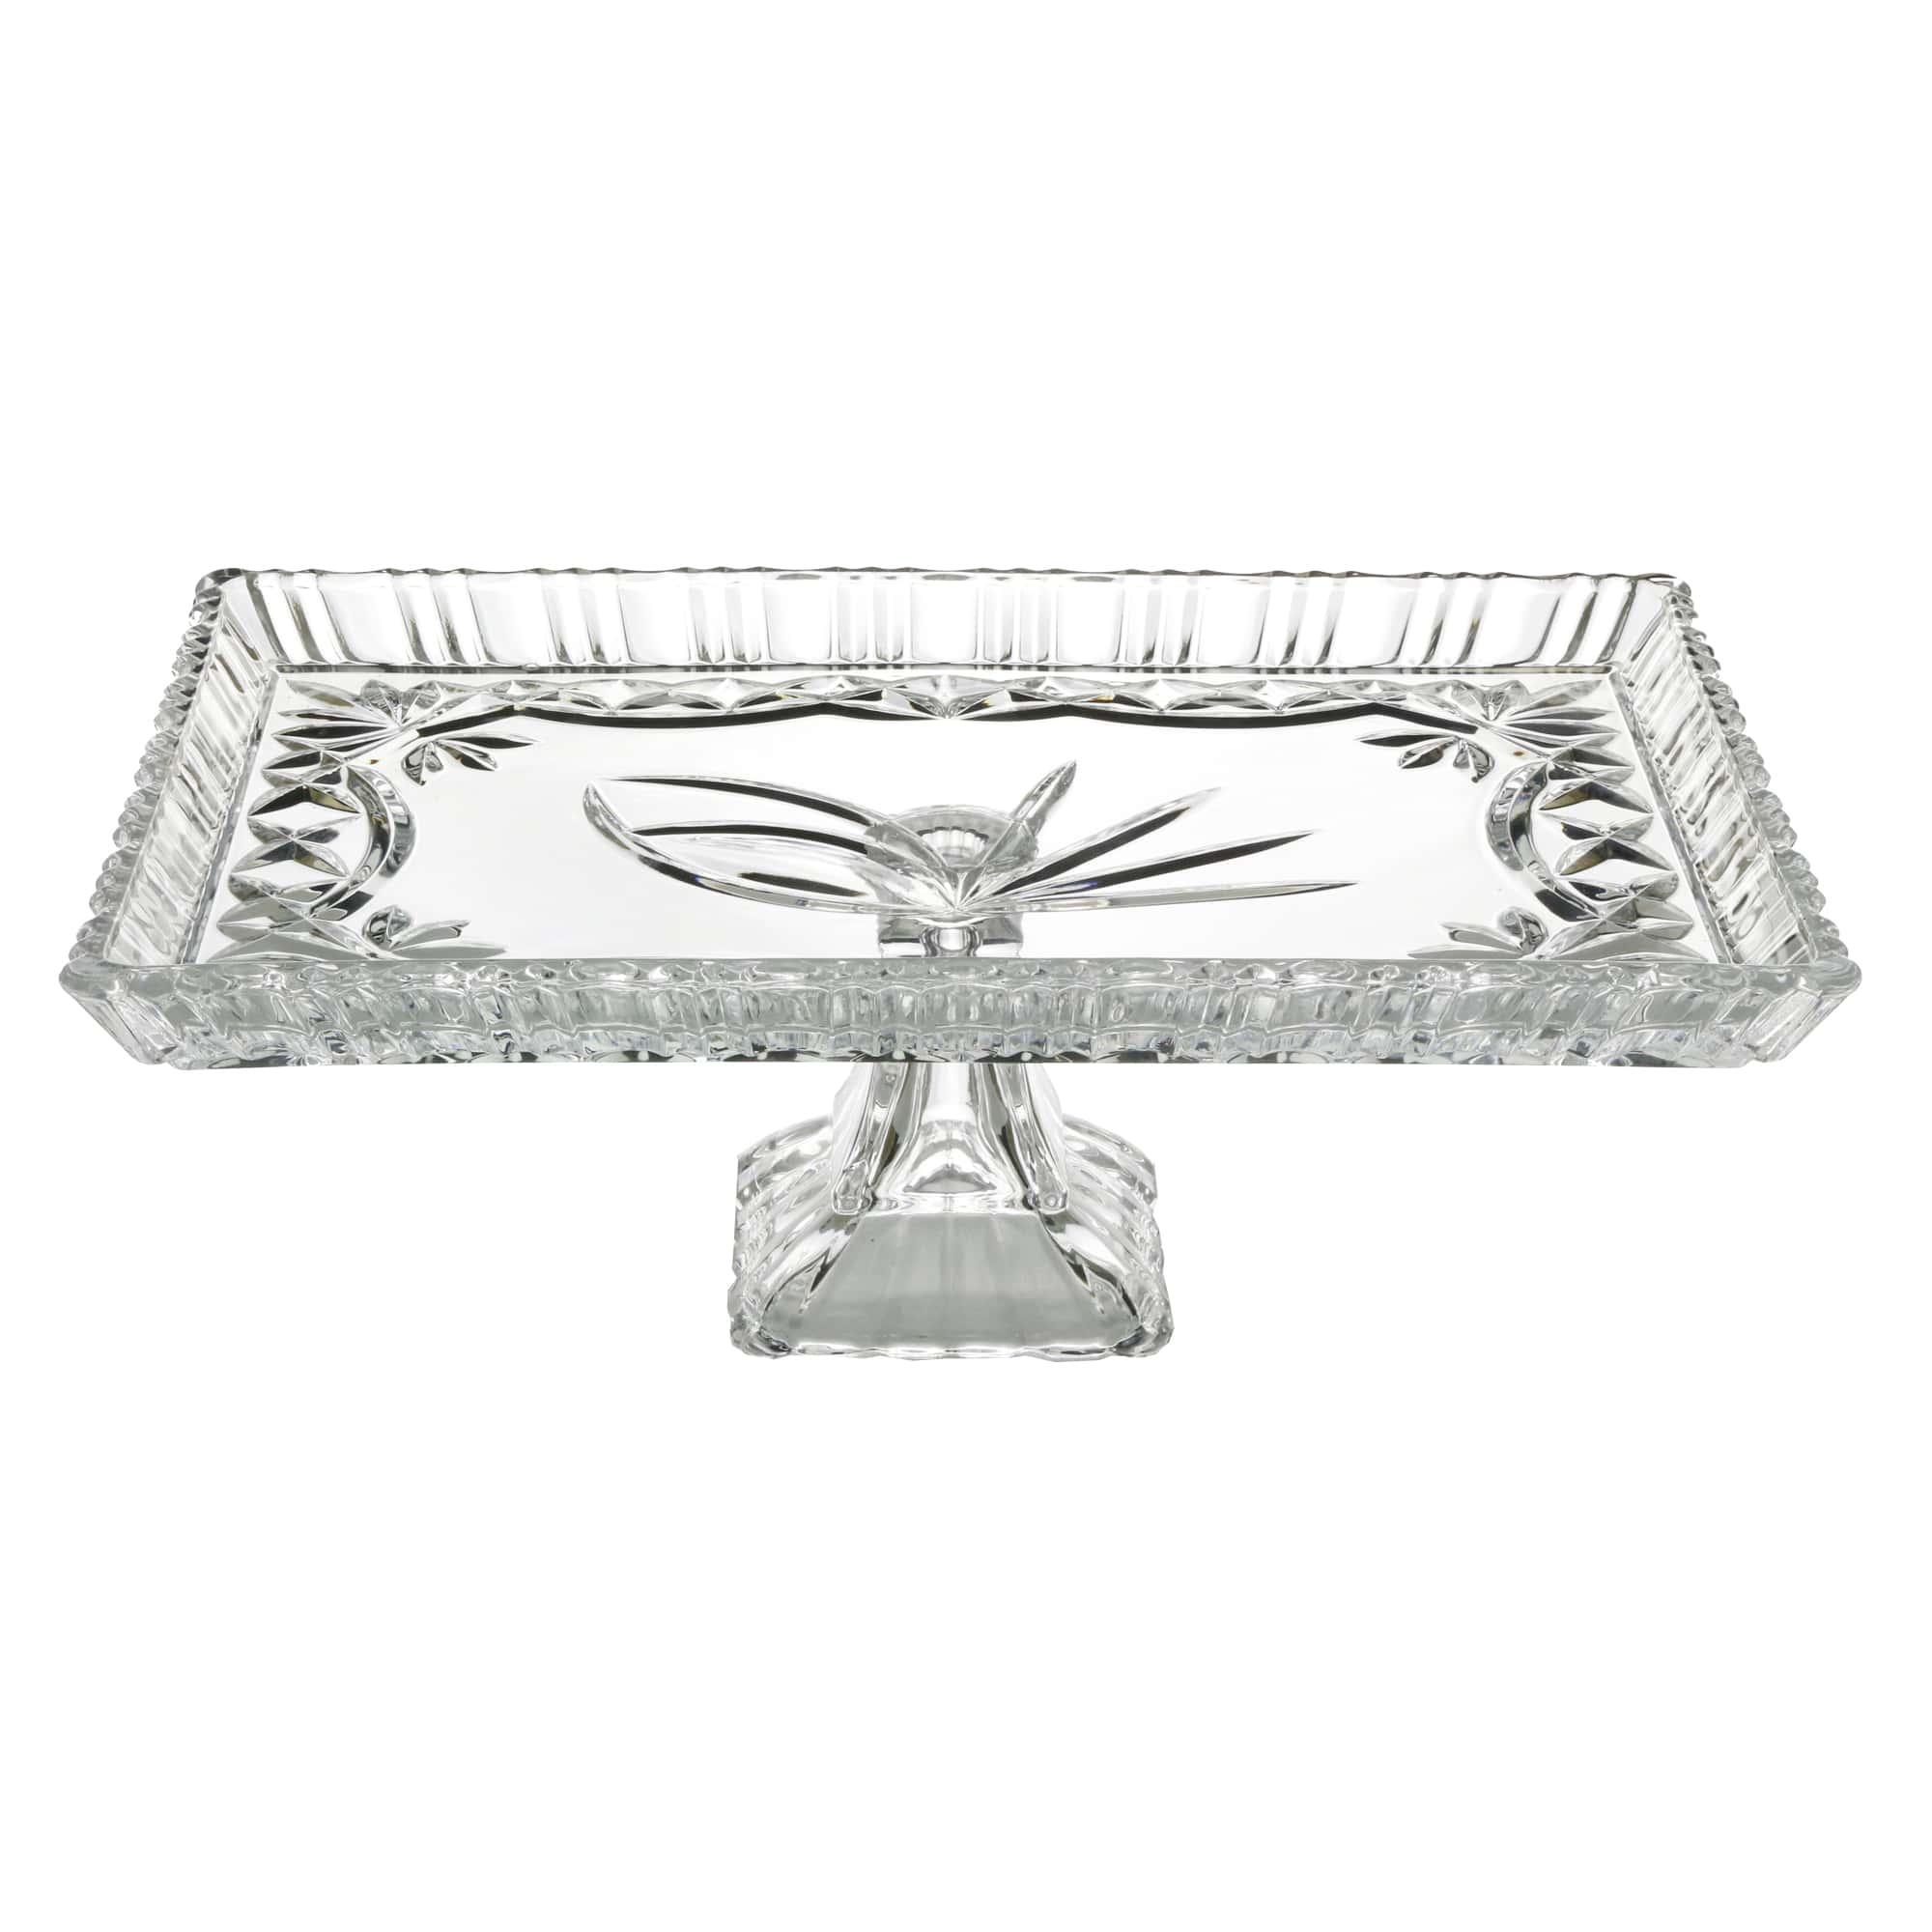 Prato para Bolo com pé de Cristal de Chumbo Janine 29,5 x 19,5 x 10,5 cm